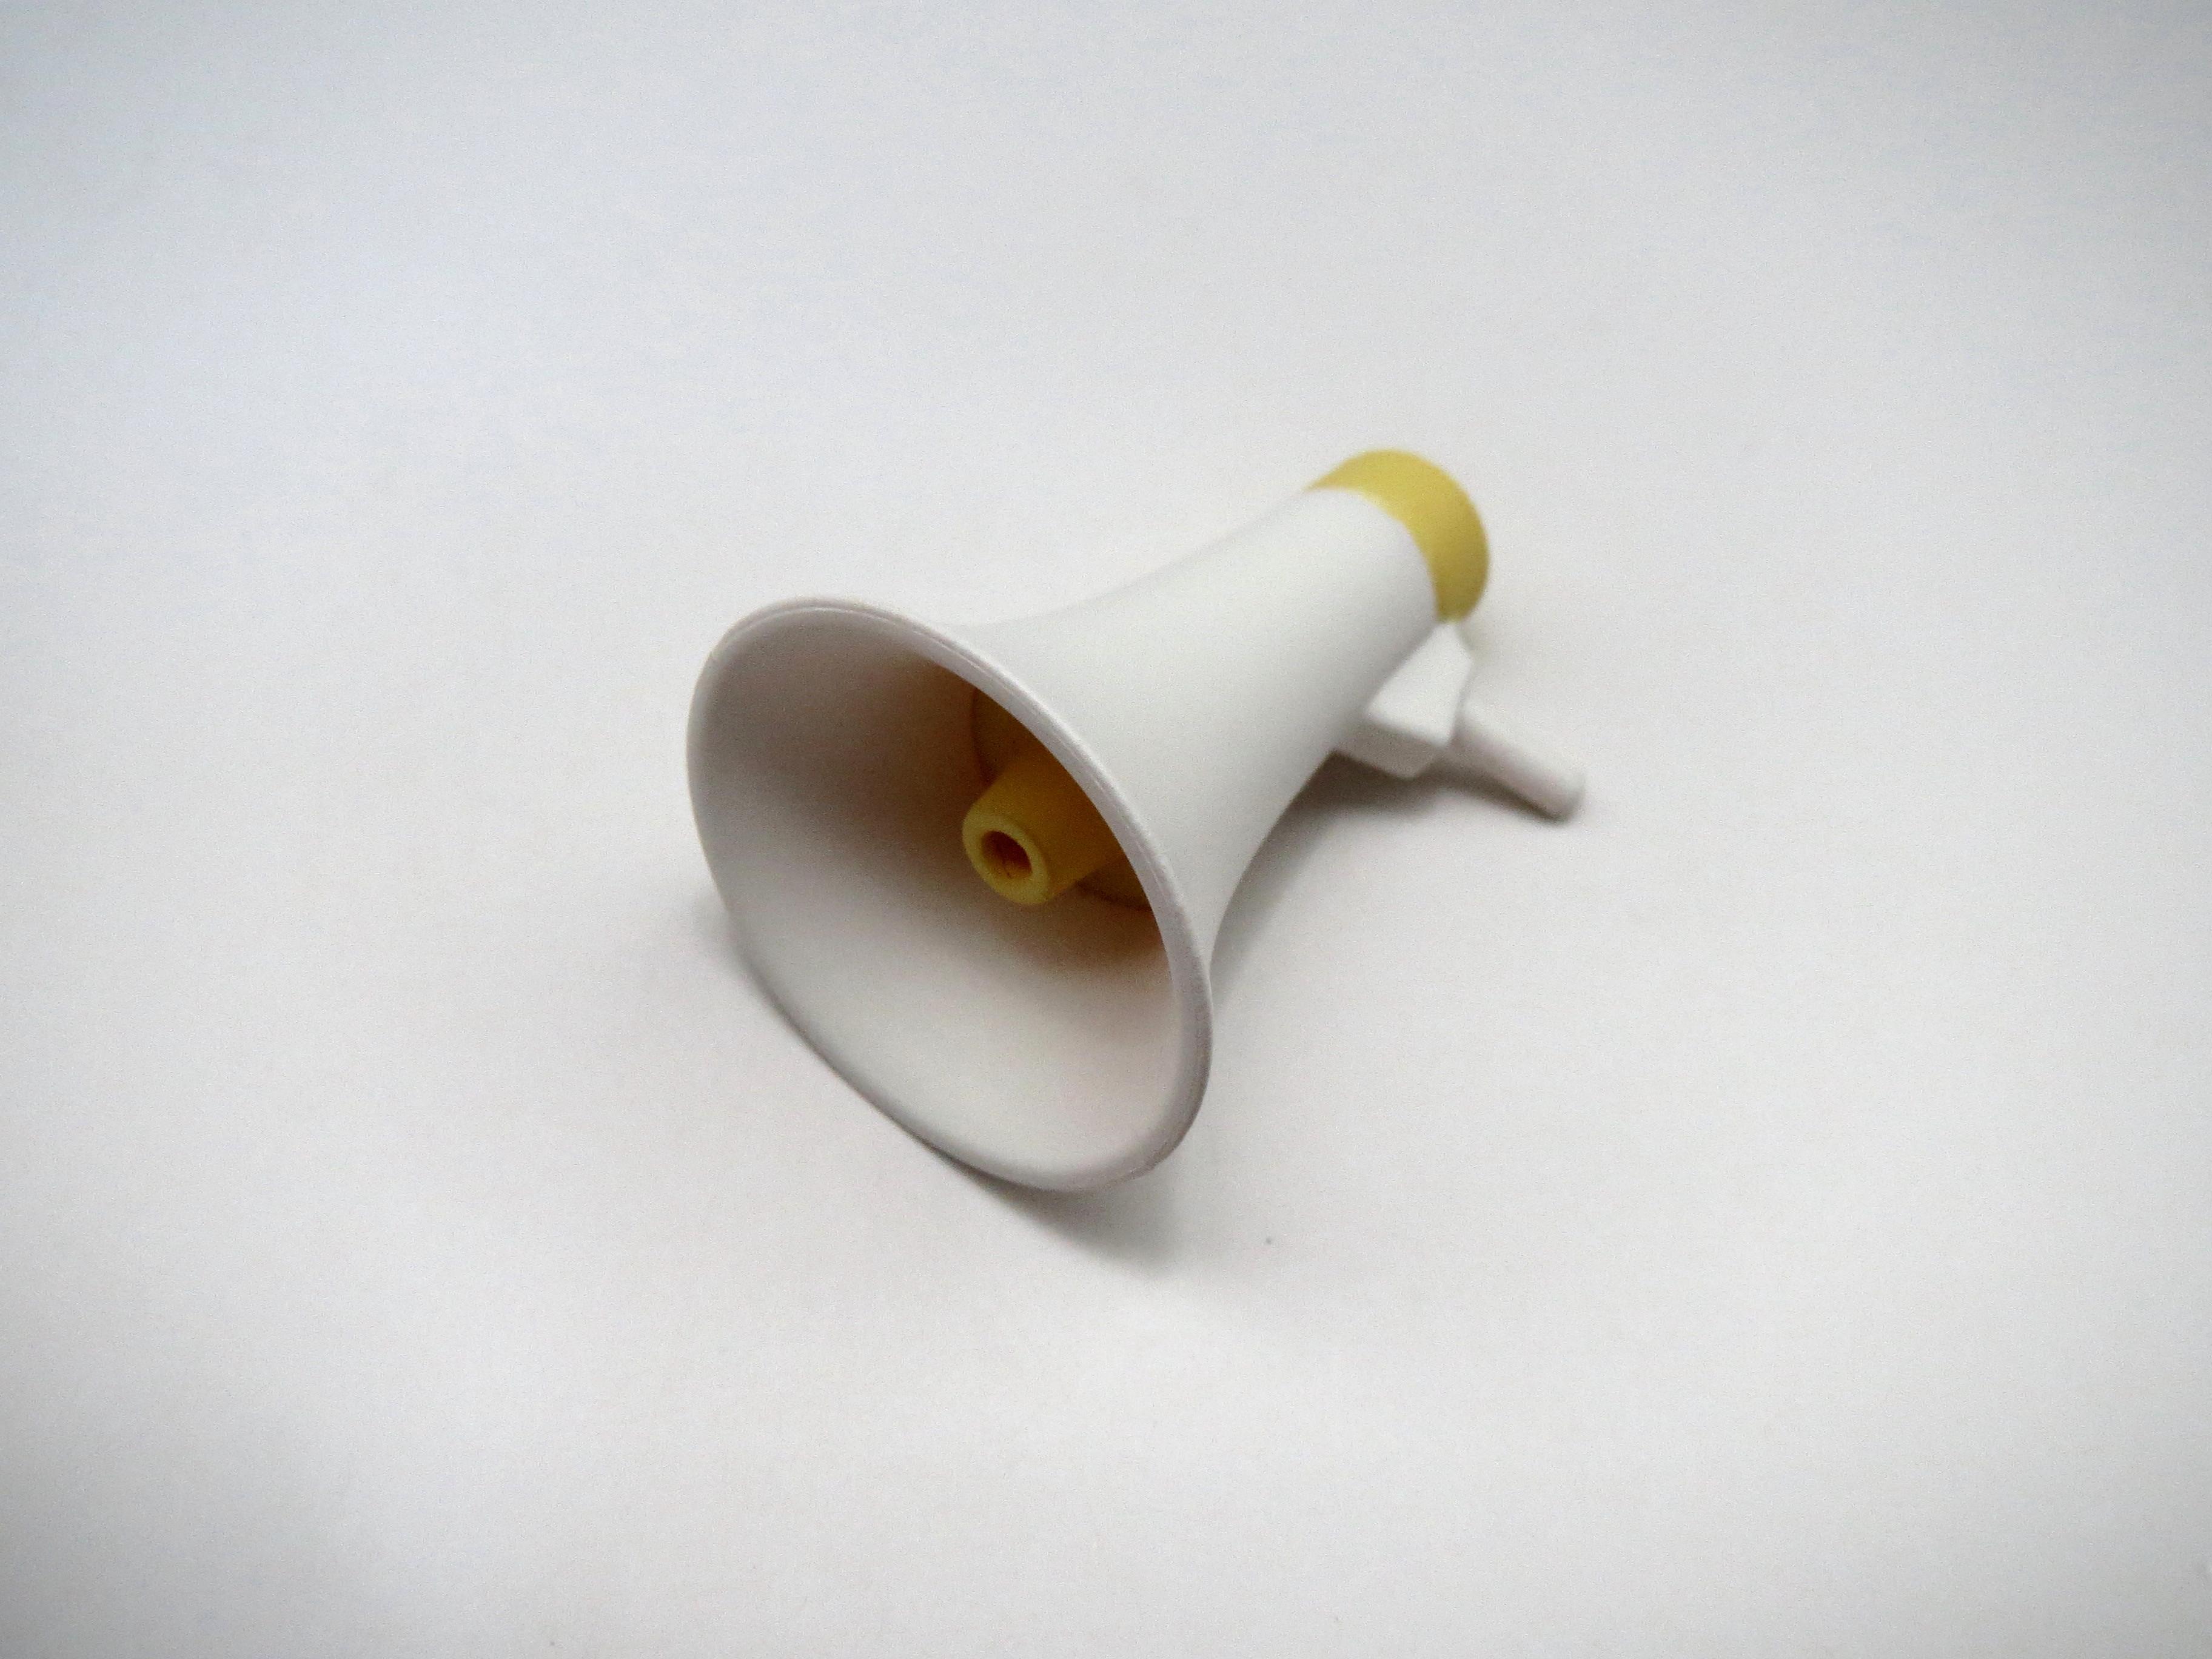 再入荷【129】 初音ミク アブソリュート 小物パーツ 拡声器 ねんどろいど